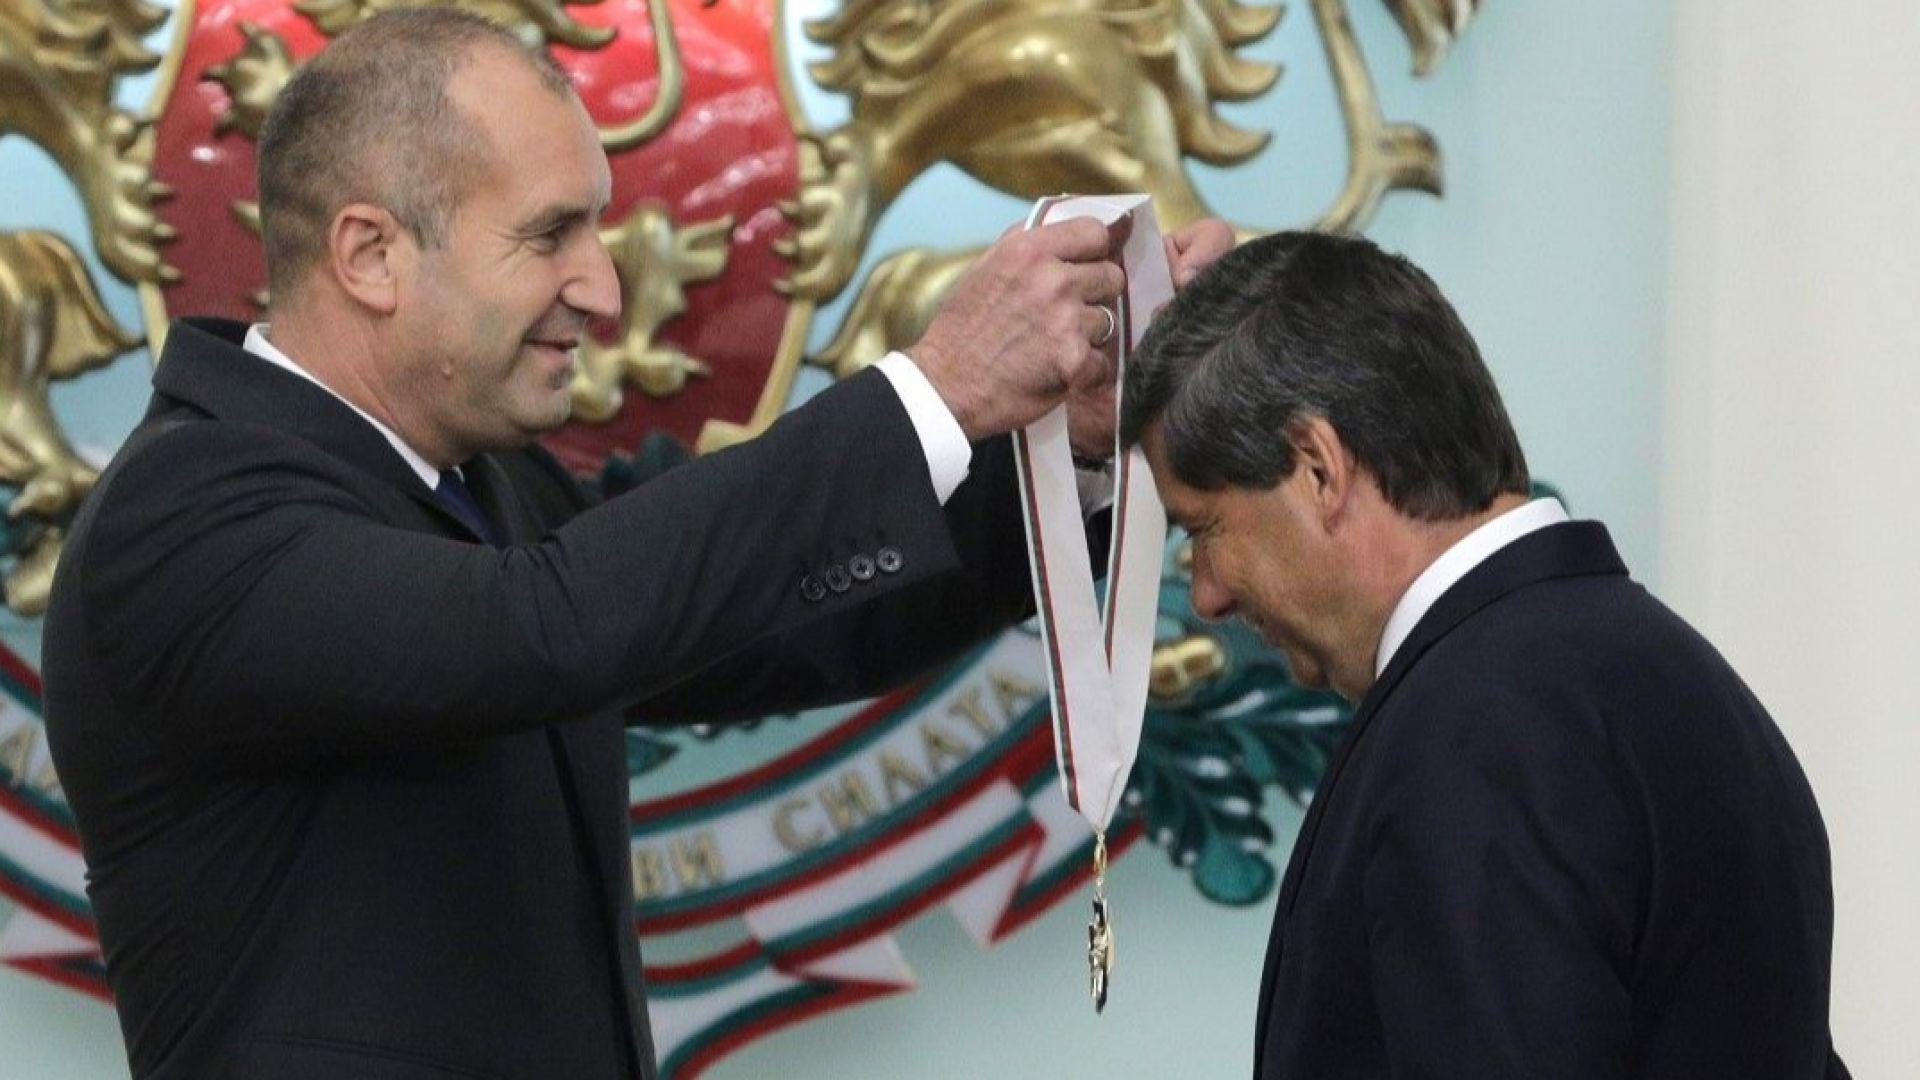 Радев връчи орден на посланика на Австрия: Страната ви е приоритетен икономически партньор